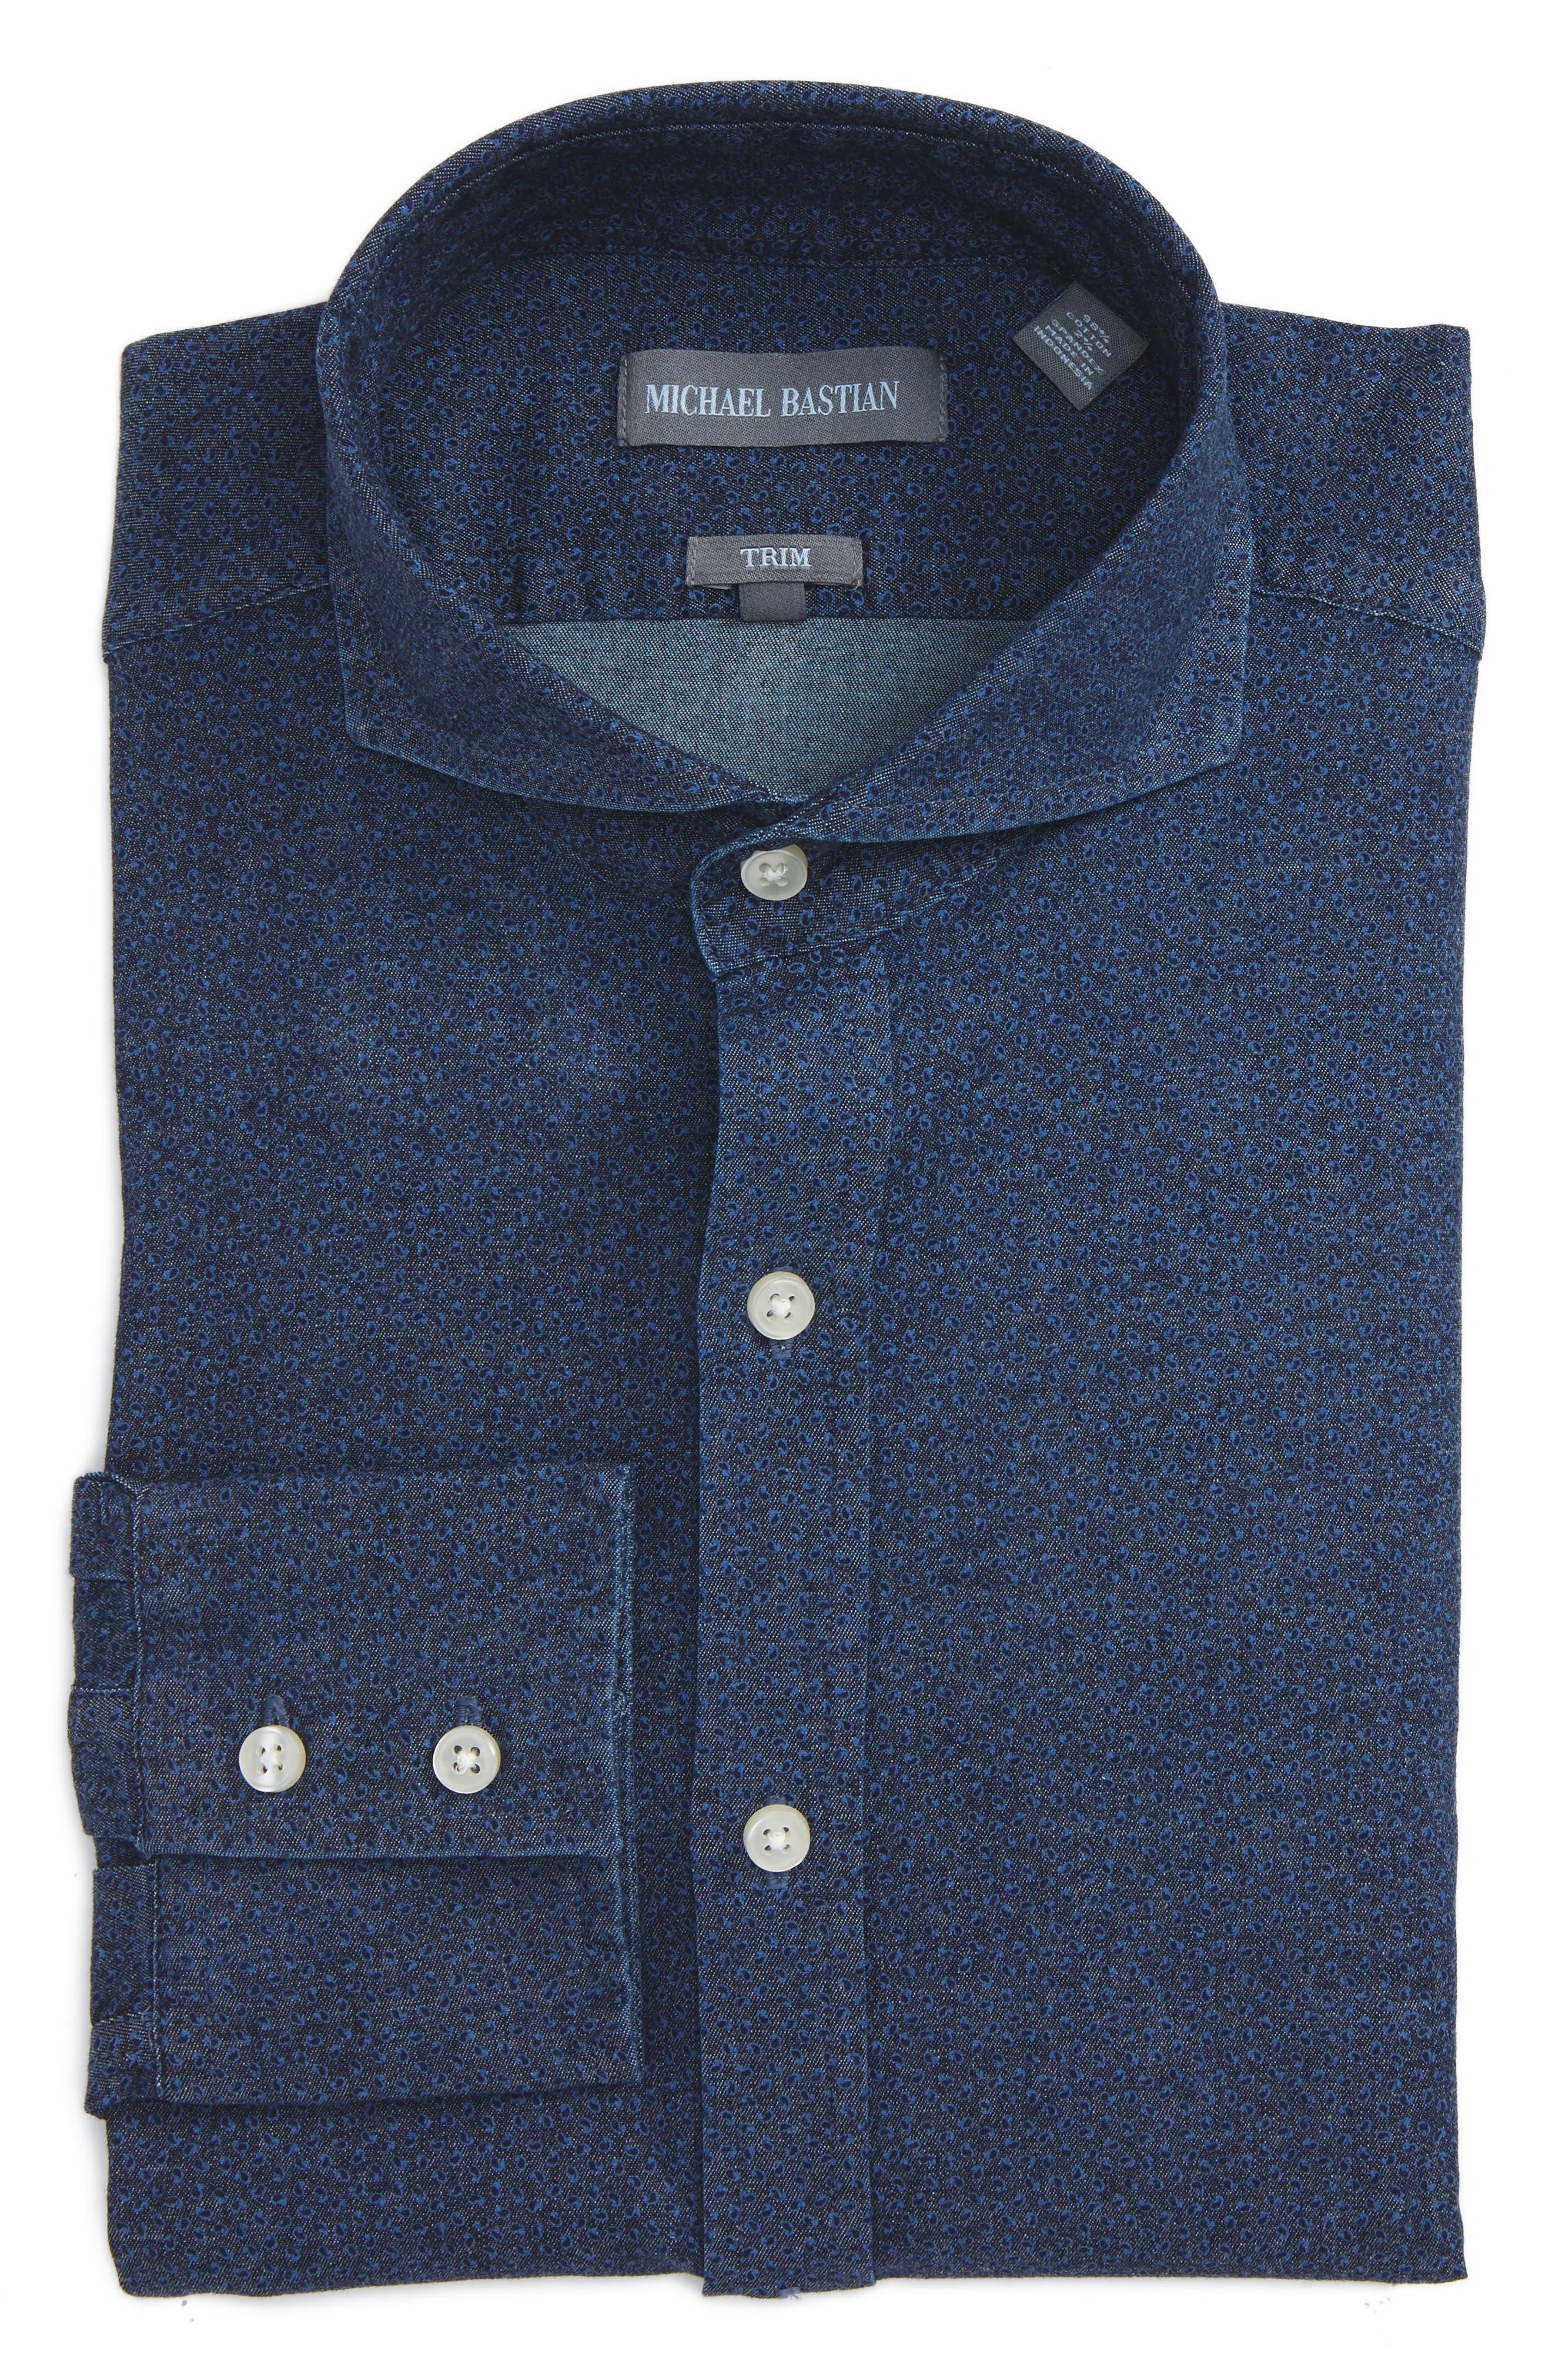 Michael Bastian Trim Fit Cotton Twill Dress Shirt